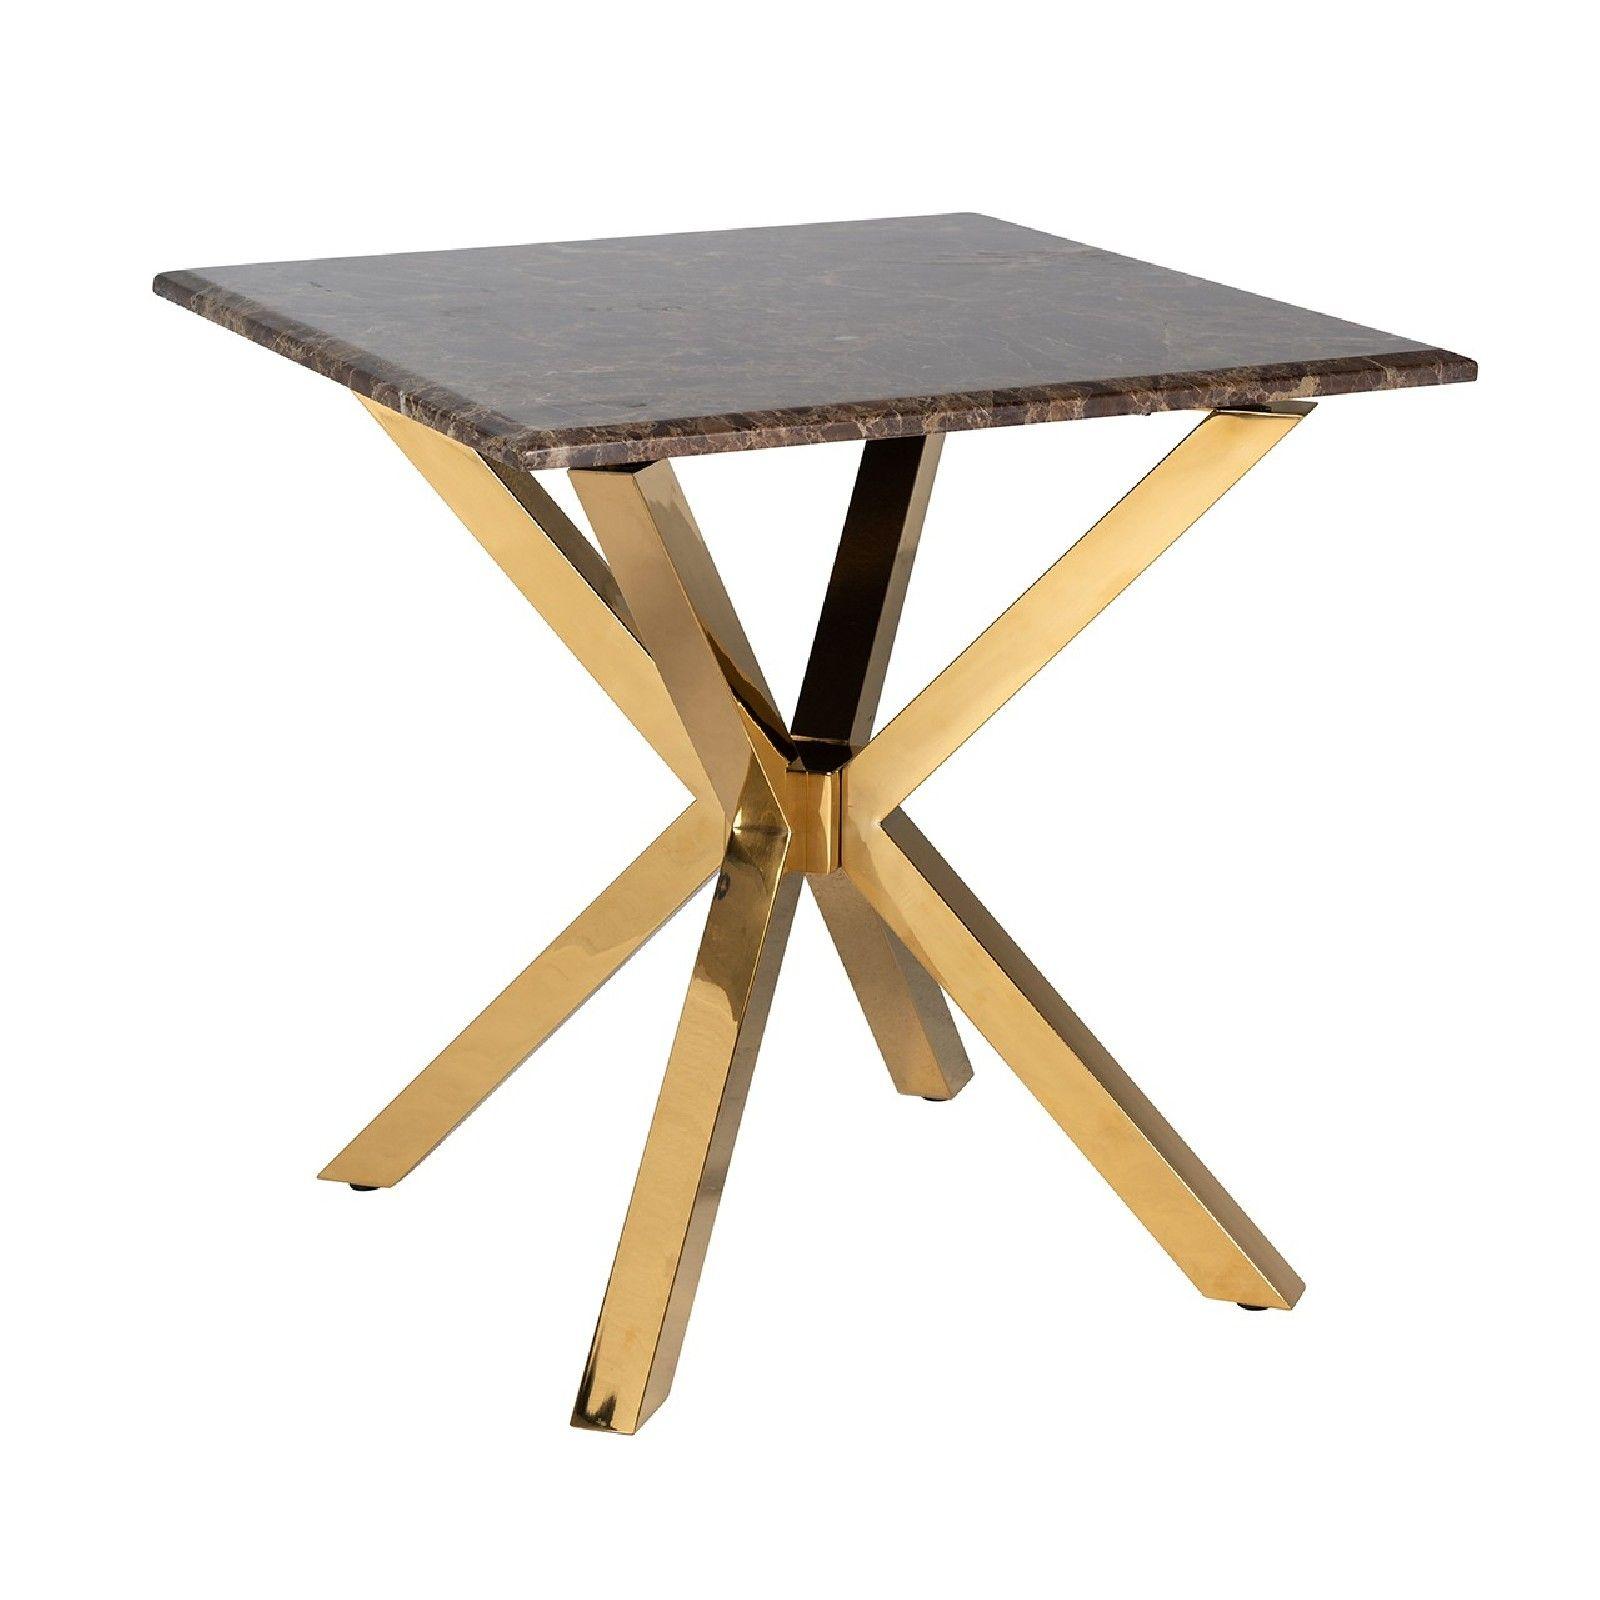 Table d'angle Conrad faux emperador marbre Meuble Déco Tendance - 9